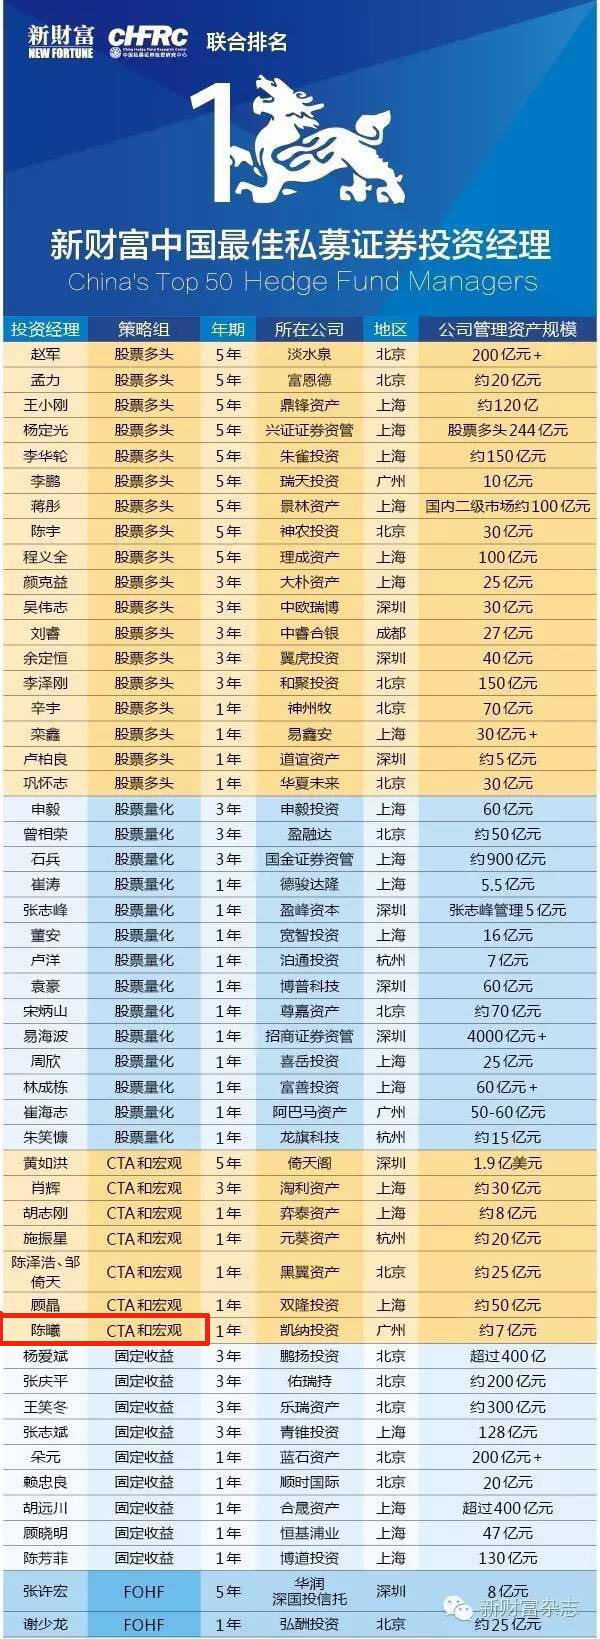 新财富榜单.png